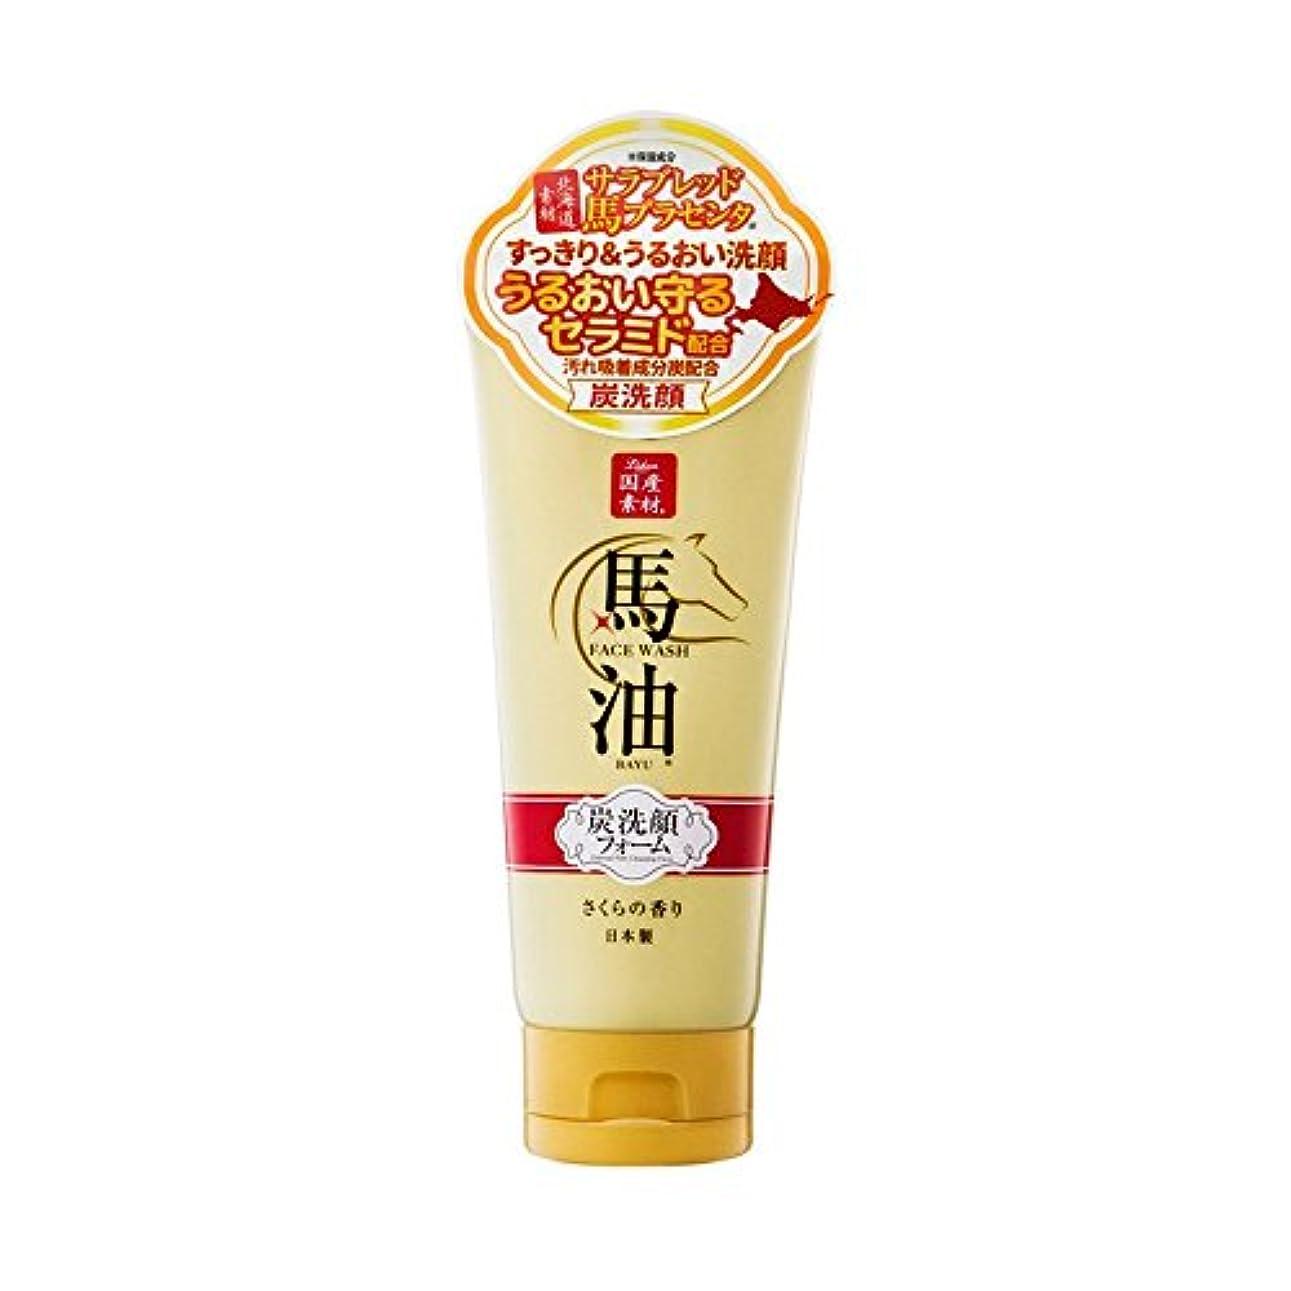 アーティファクトペチコート不名誉リシャン 馬油&炭洗顔フォーム(さくらの香り)(内容量130g)